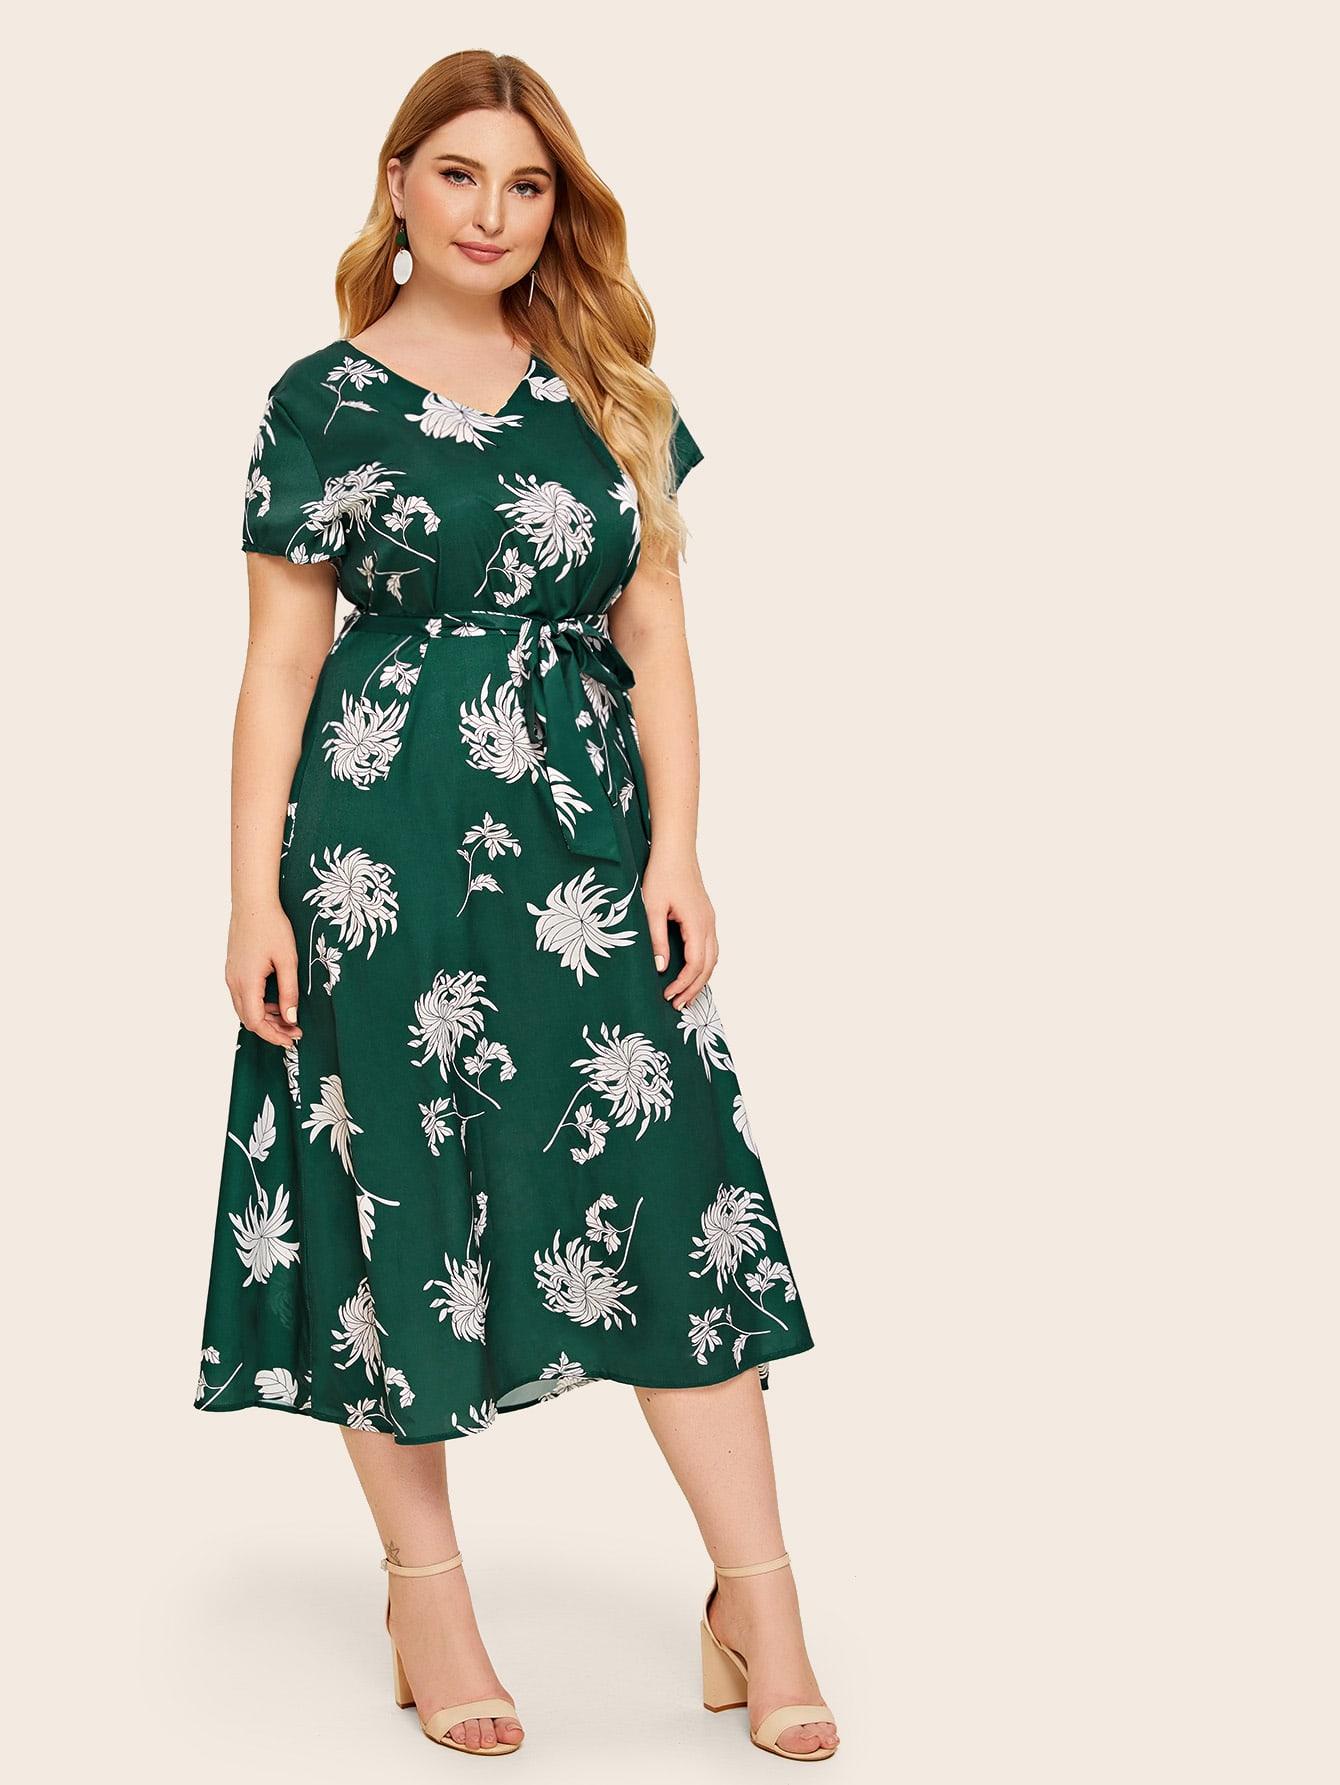 Фото - Платье размера плюс с v-образным вырезом, цветочным принтом и поясом от SheIn цвет зелёные